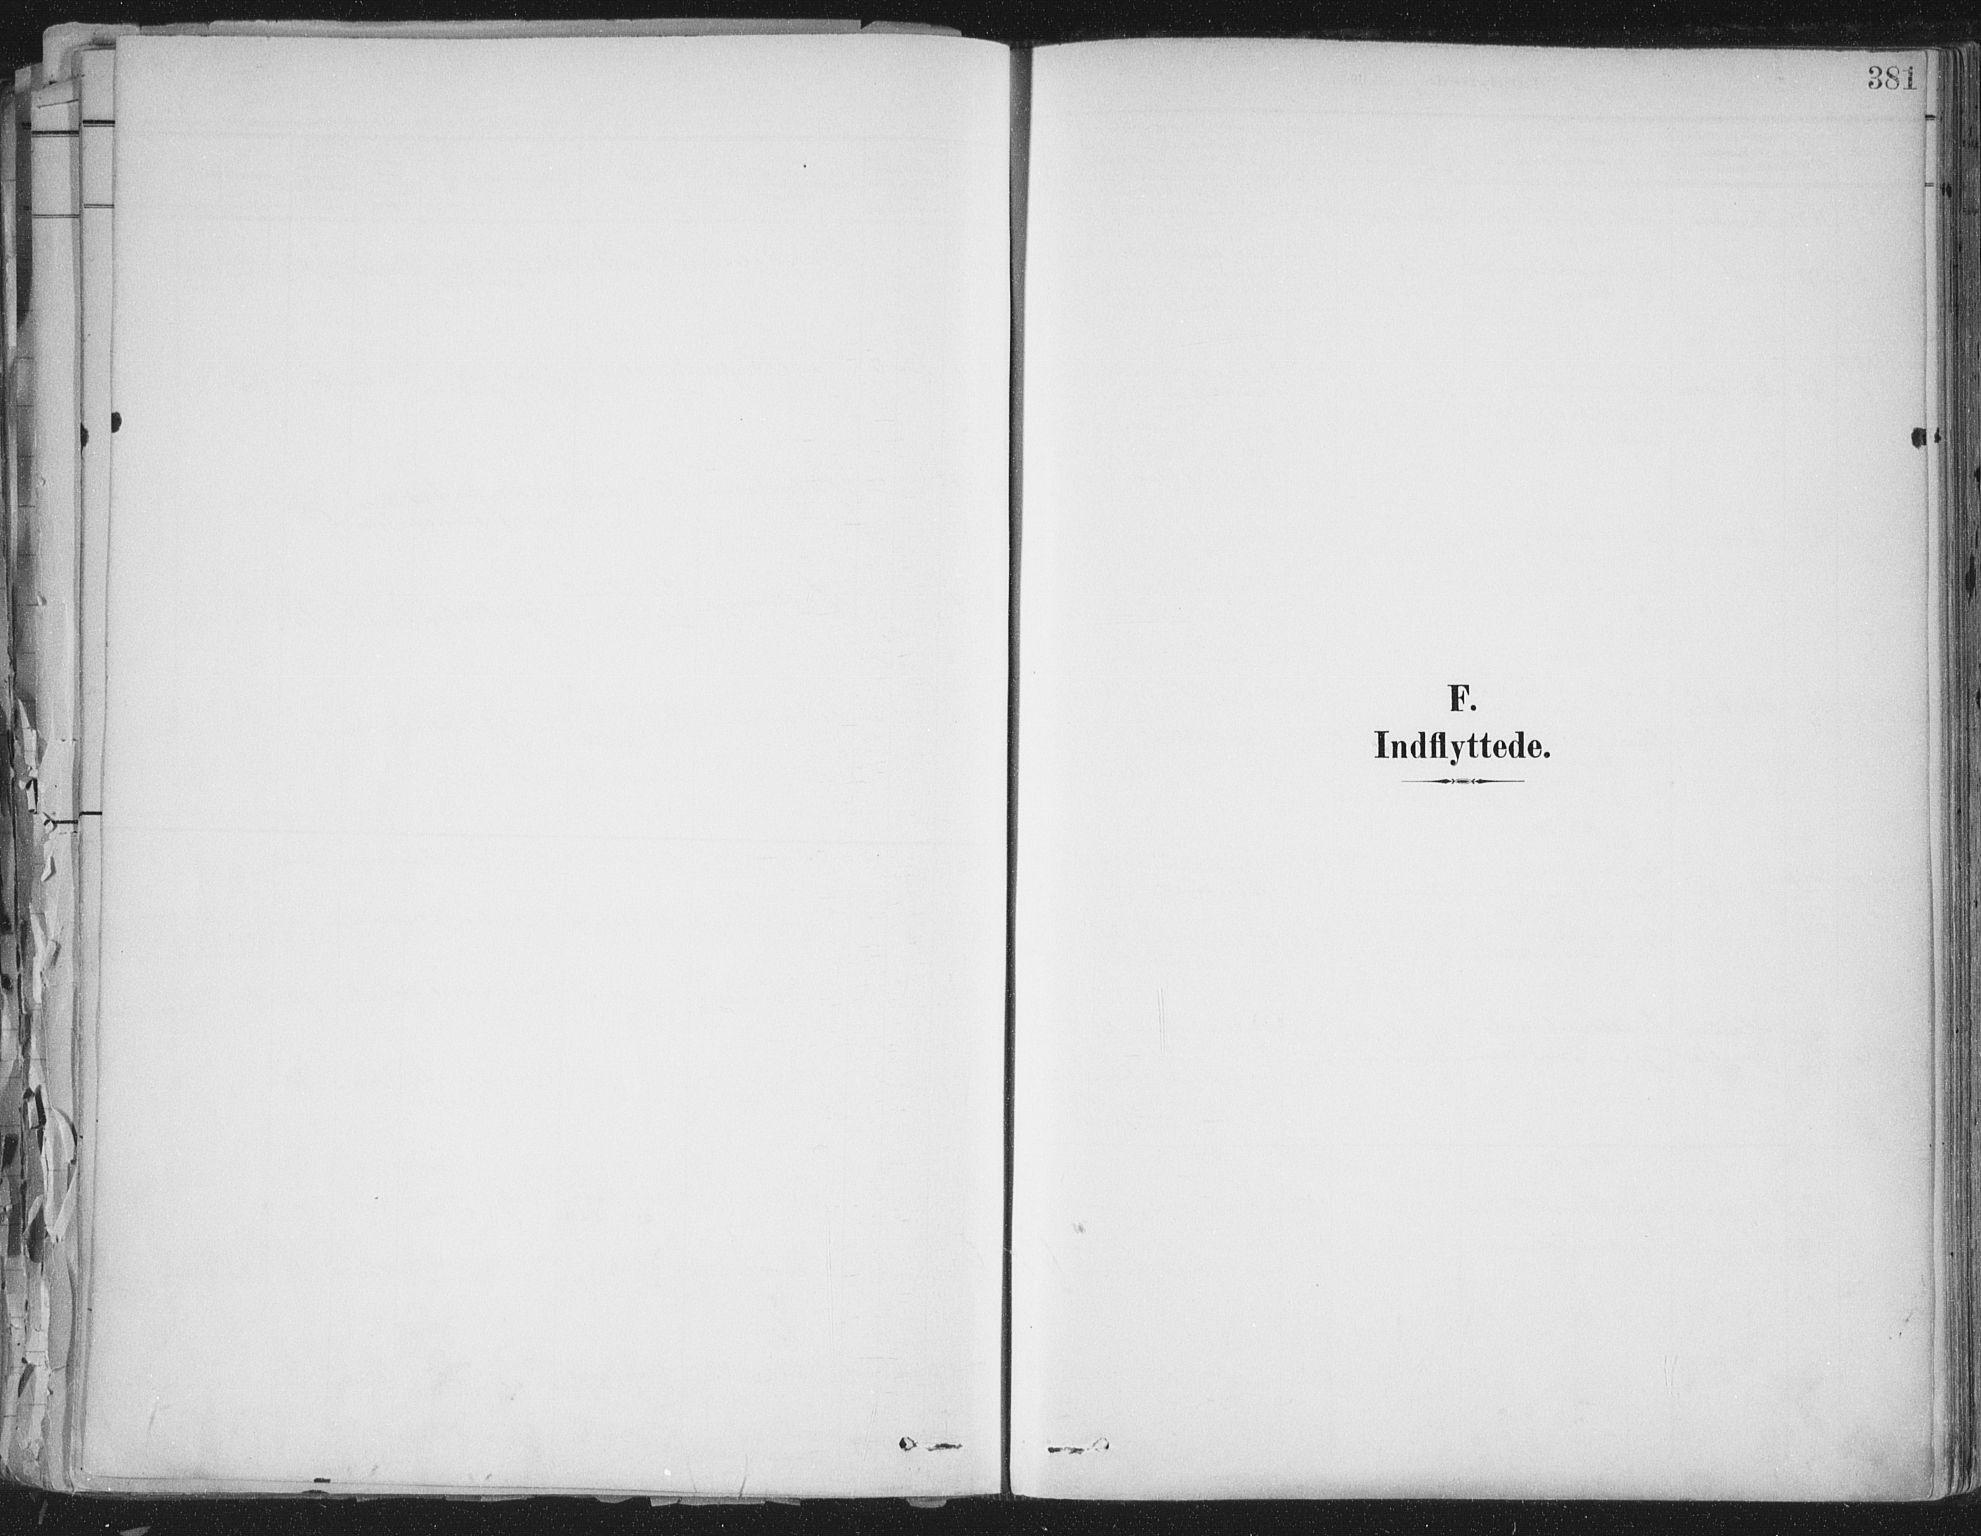 SAT, Ministerialprotokoller, klokkerbøker og fødselsregistre - Sør-Trøndelag, 603/L0167: Ministerialbok nr. 603A06, 1896-1932, s. 381